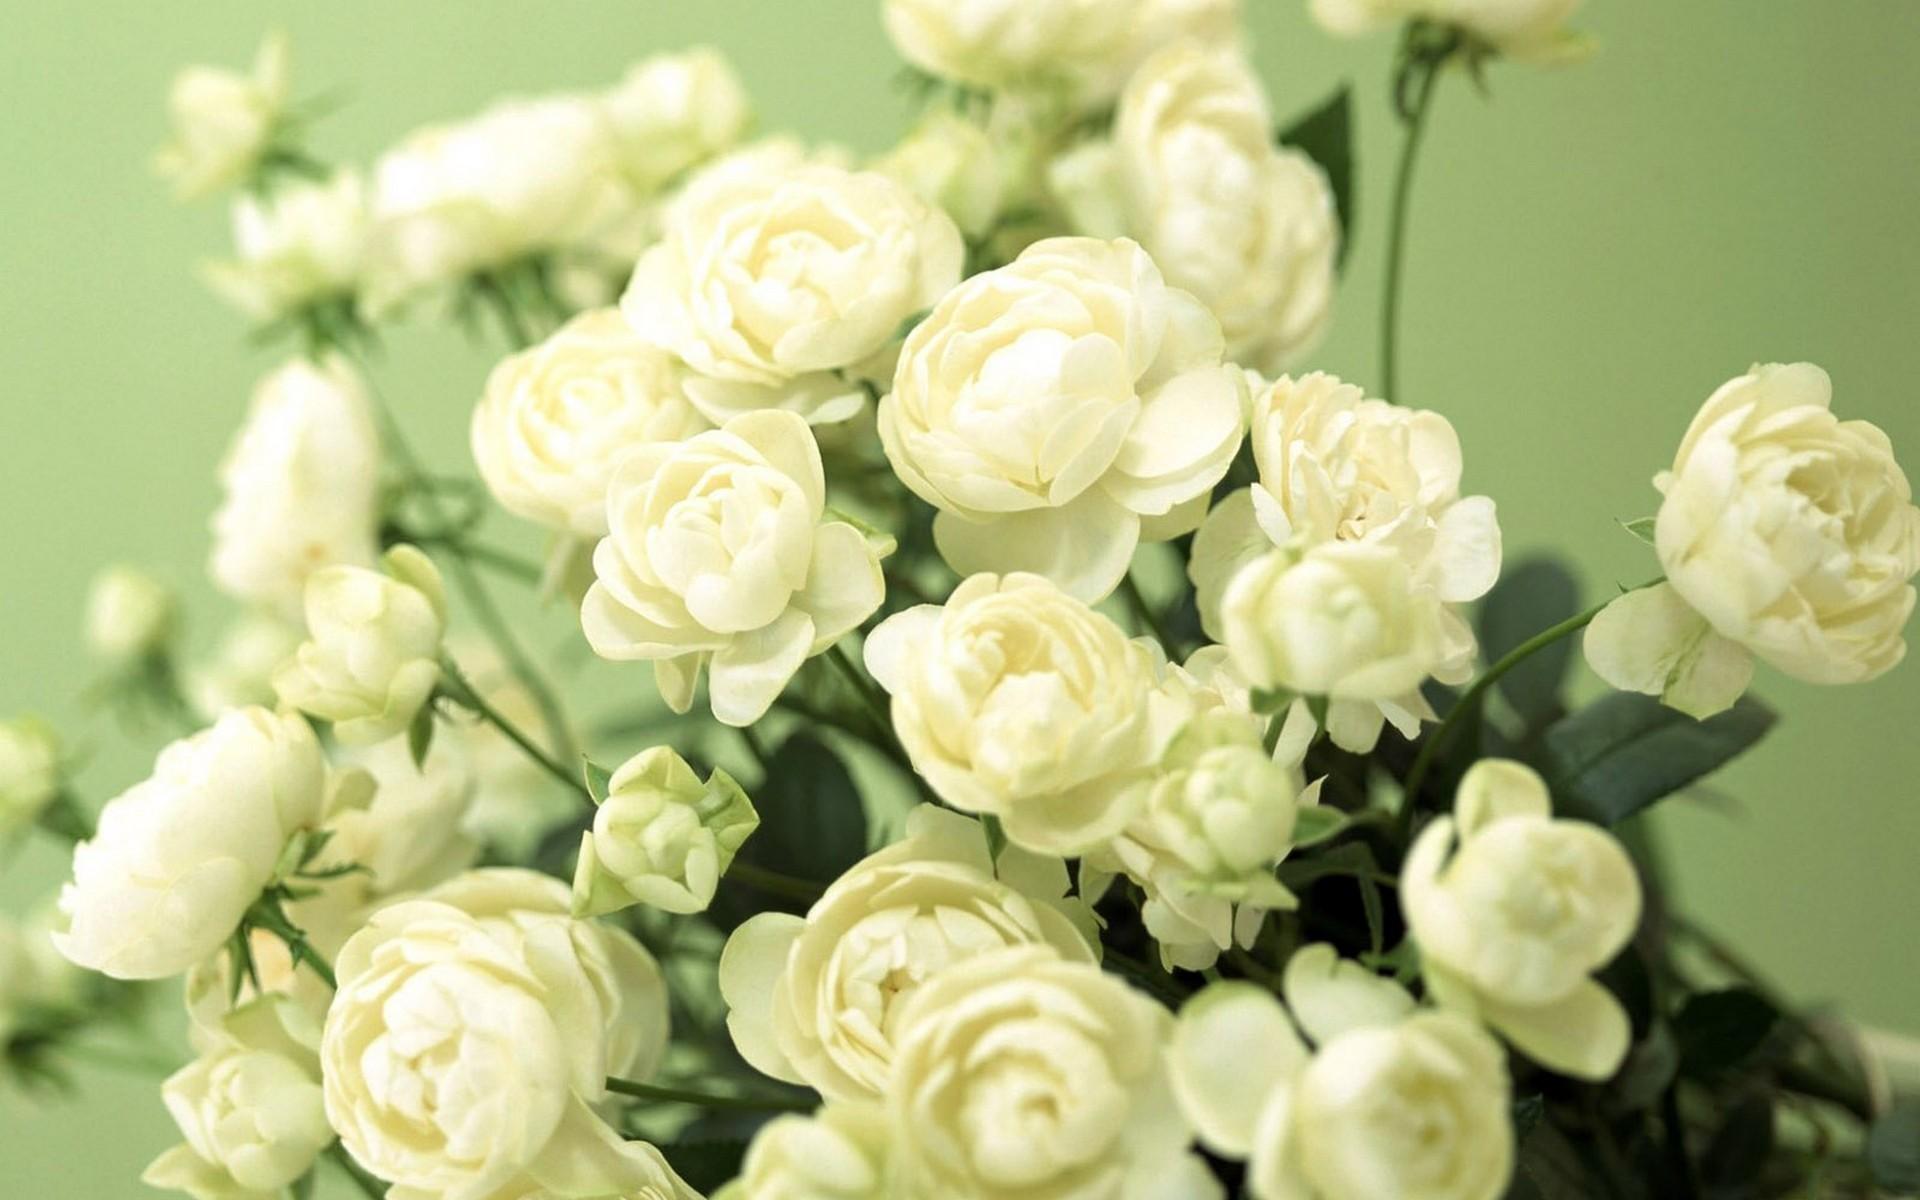 12528 скачать обои Растения, Цветы, Розы - заставки и картинки бесплатно